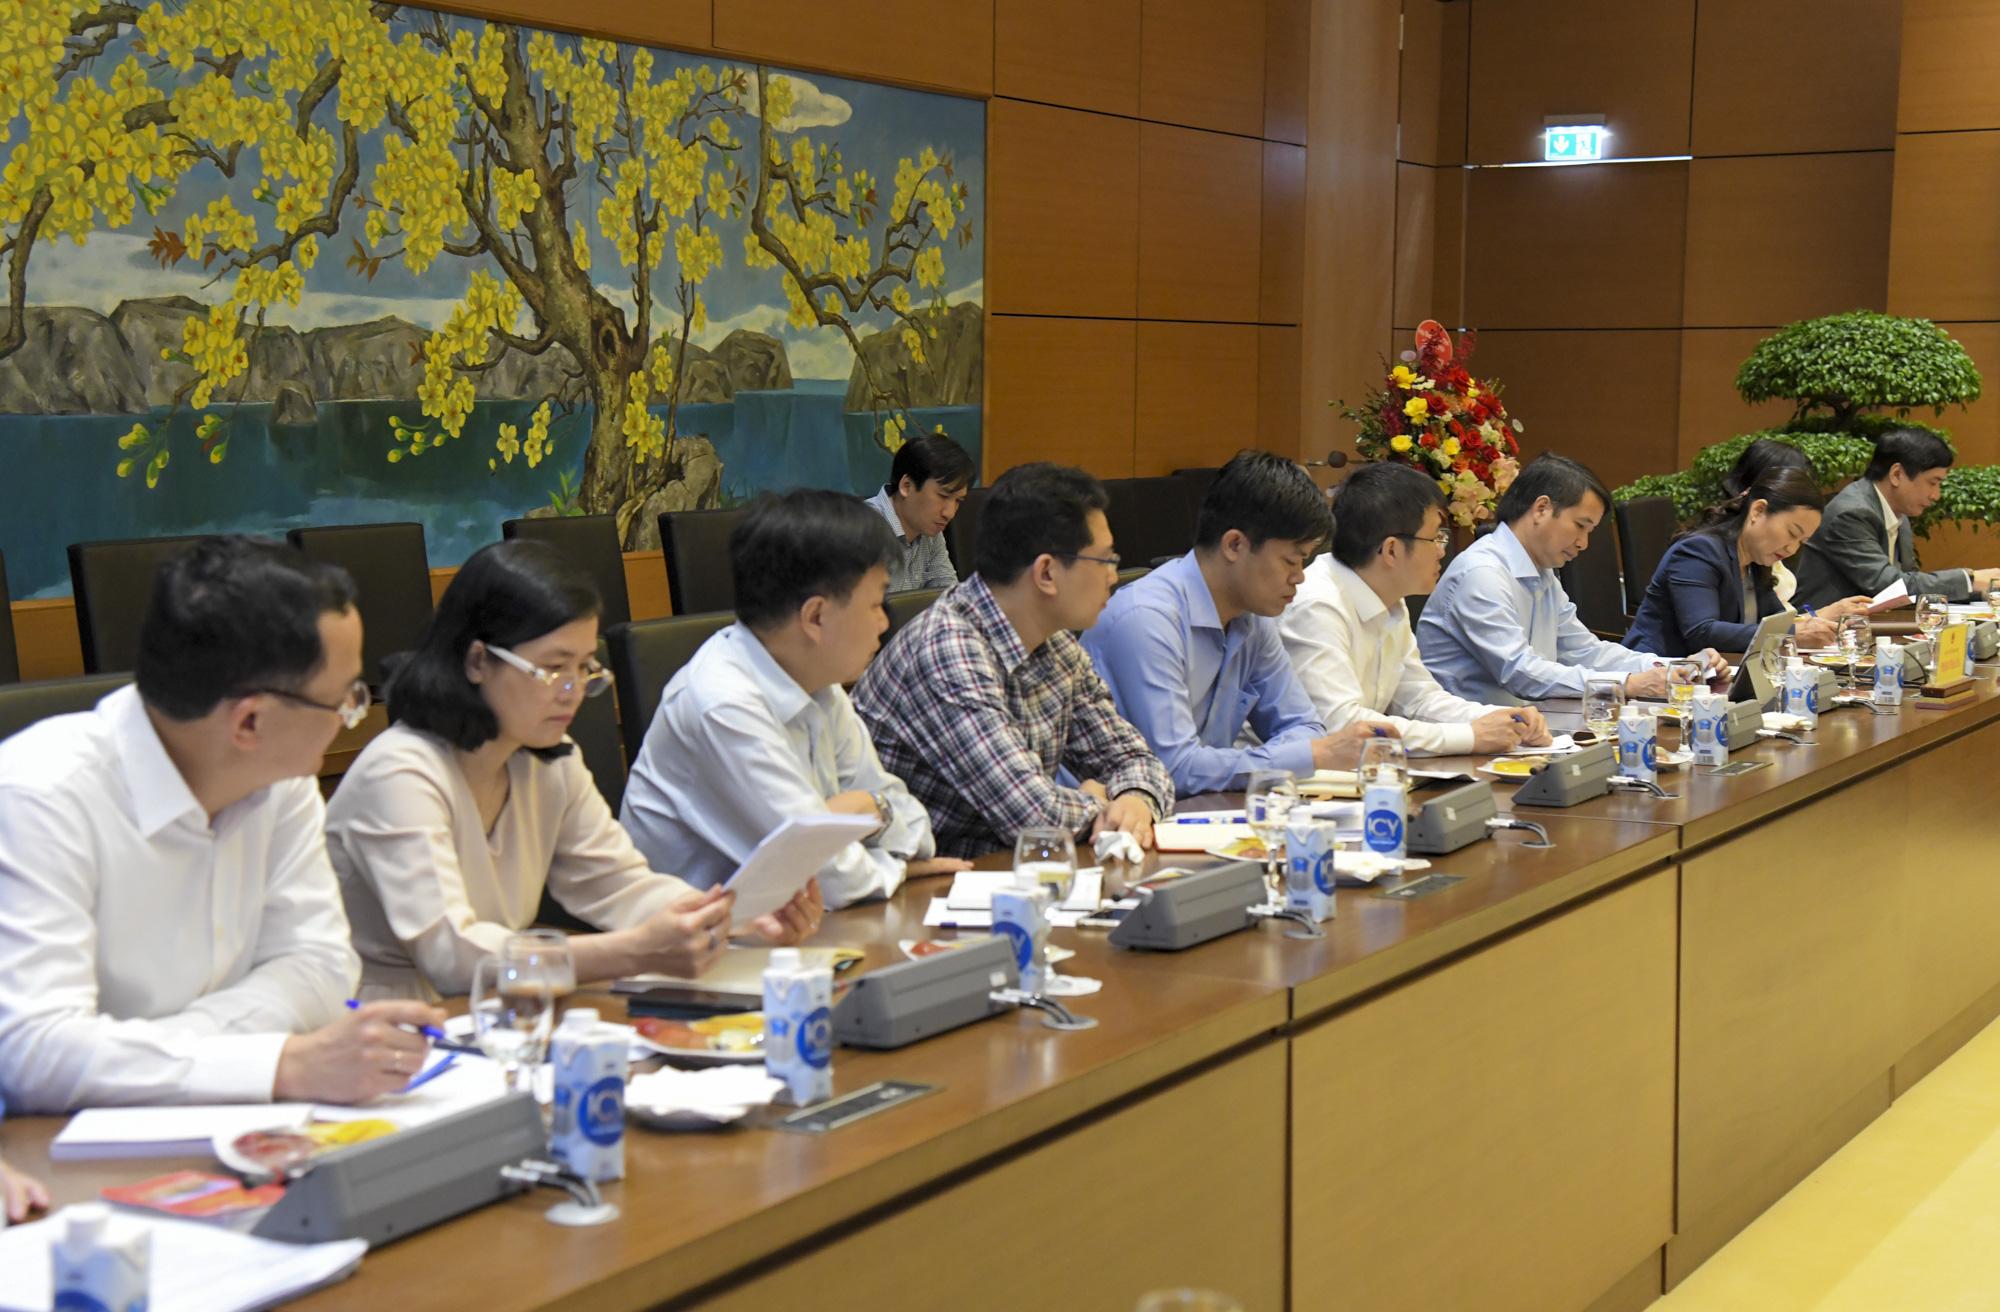 Ảnh: Chủ tịch Quốc hội Vương Đình Huệ làm việc với Hội đồng Dân tộc - Ảnh 8.